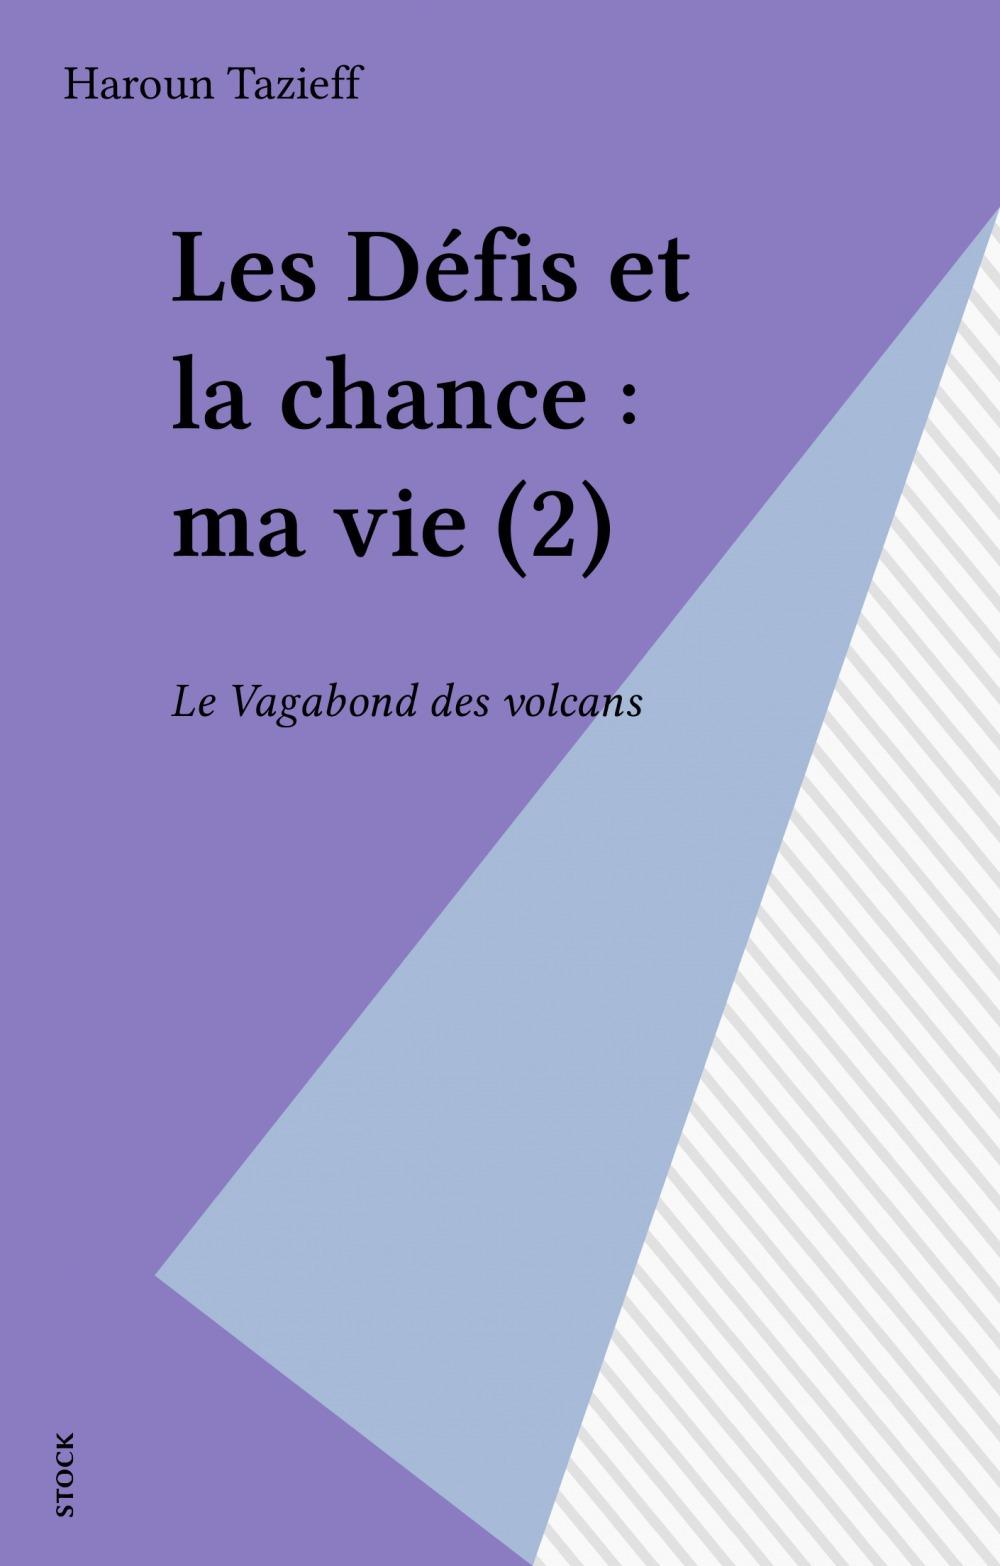 Haroun Tazieff Les Défis et la chance : ma vie (2)